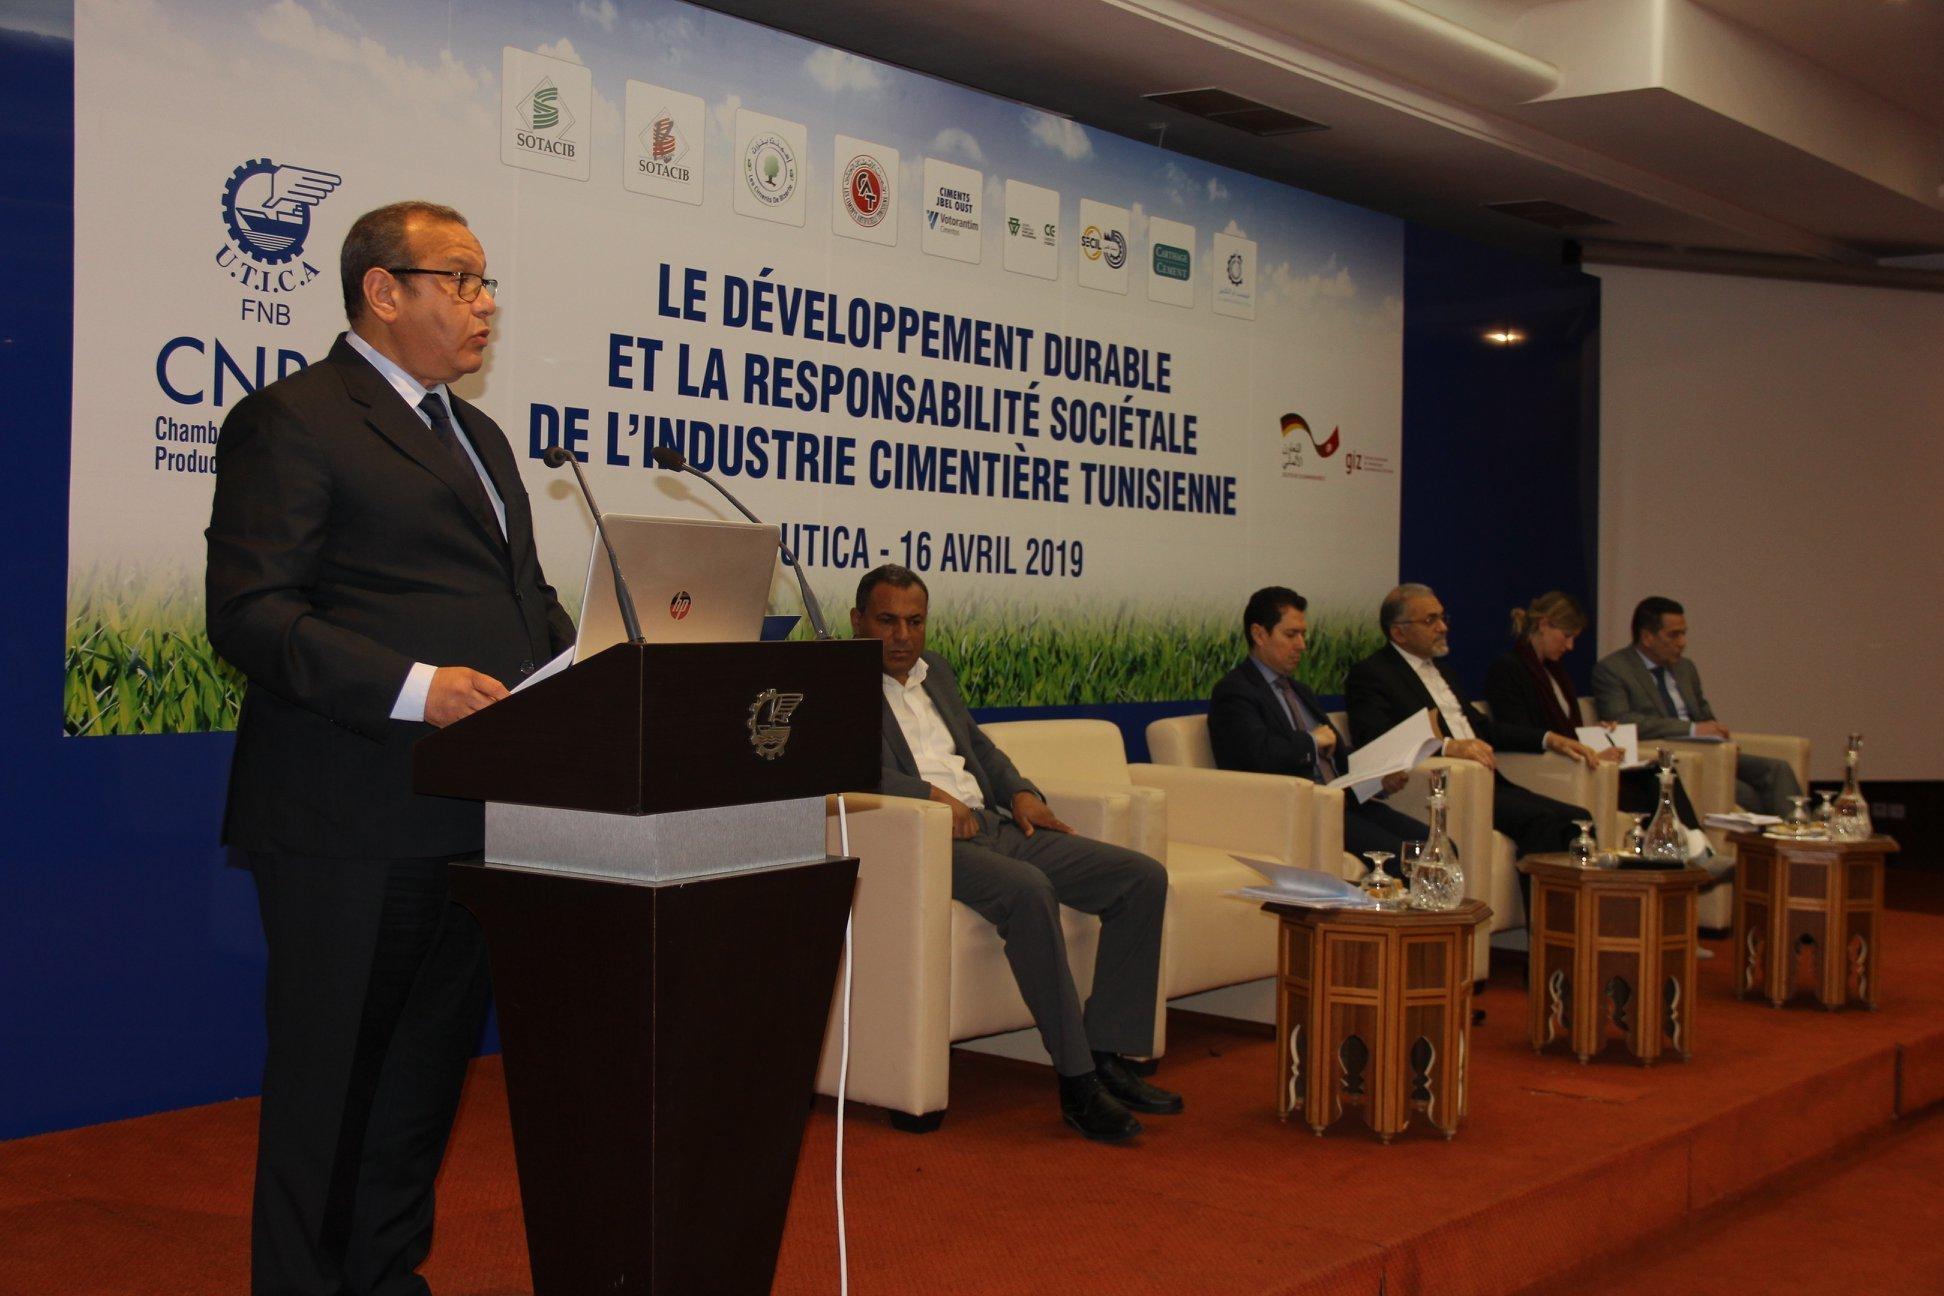 Les cimentiers tunisiens s'engagent en faveur du développement